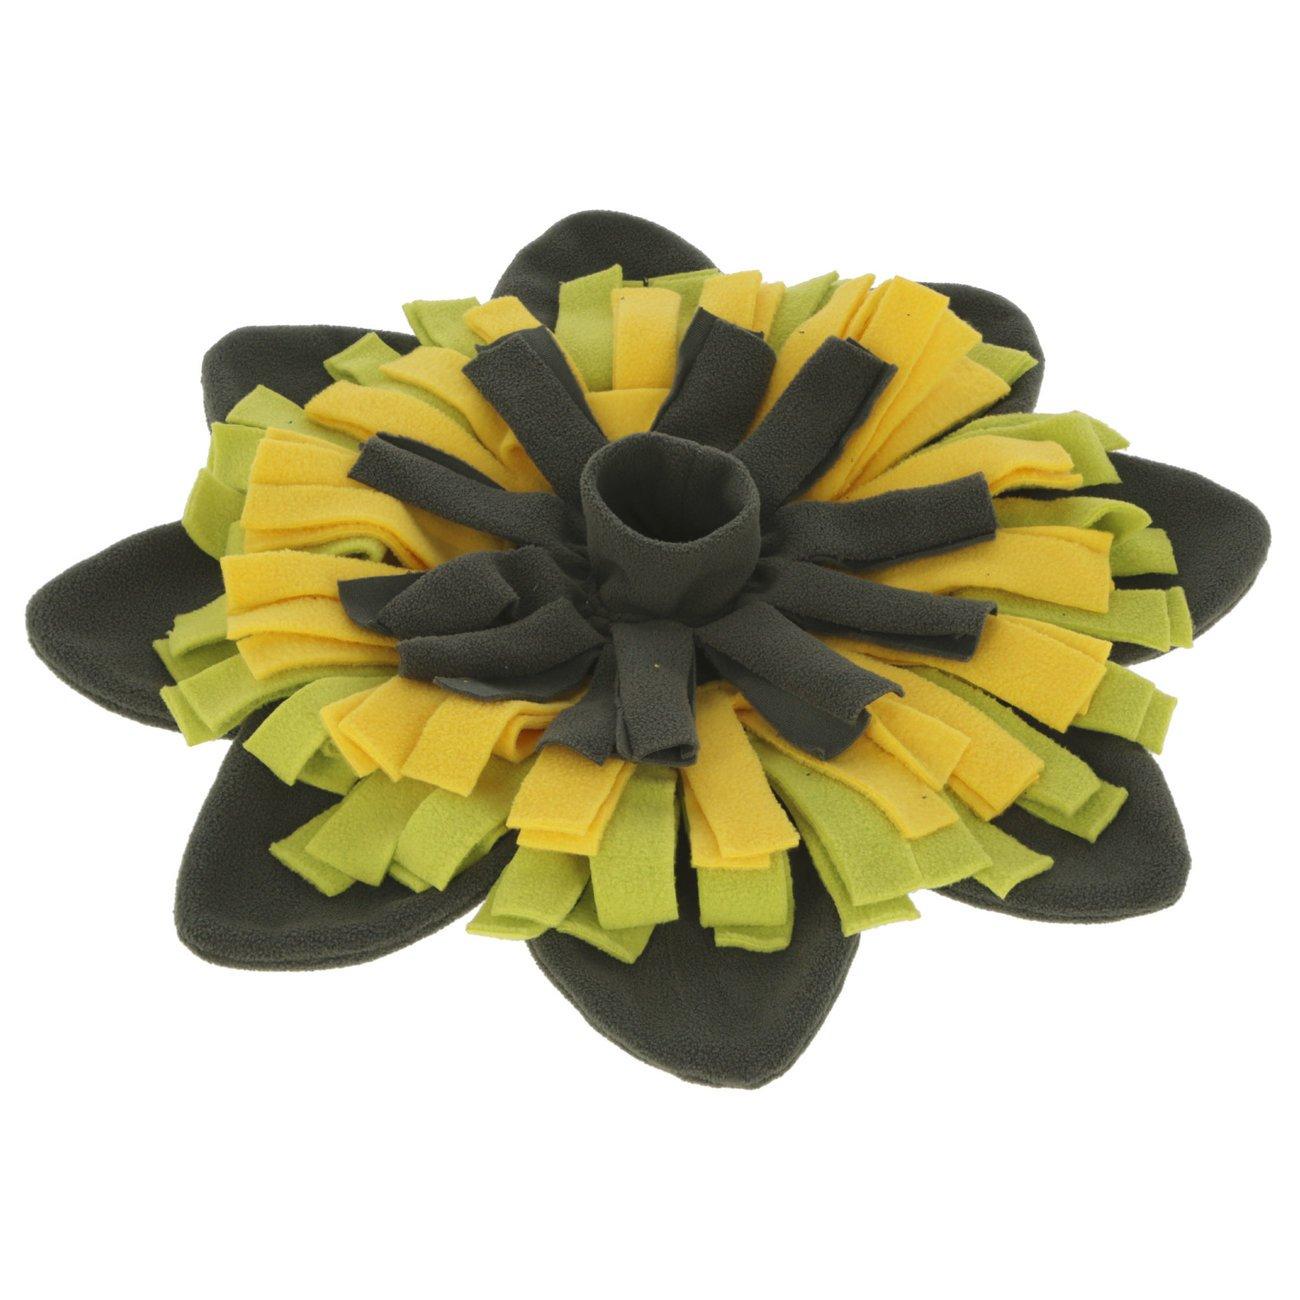 Kerbl Schnüffelteppich Sunflower, gelb/grün, Ø 40cm